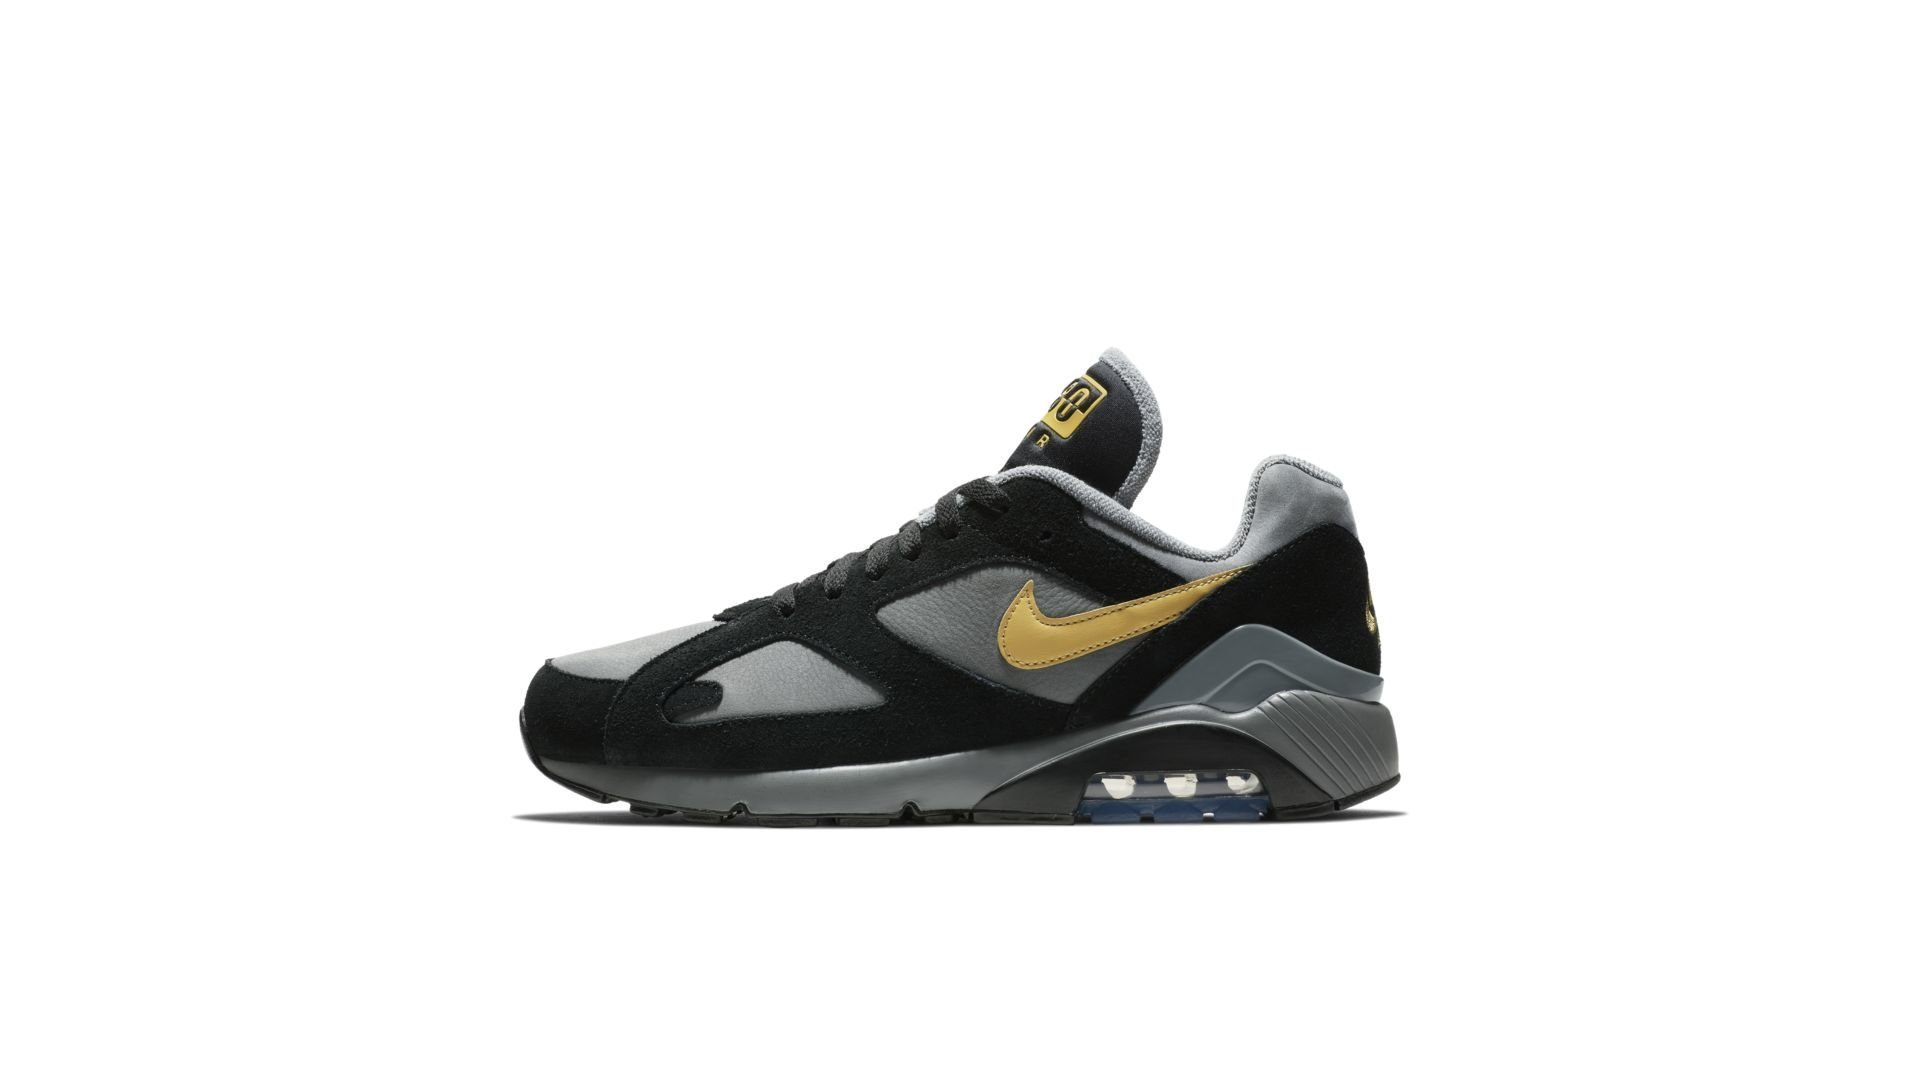 Nike Air Max 180 AV7023-001